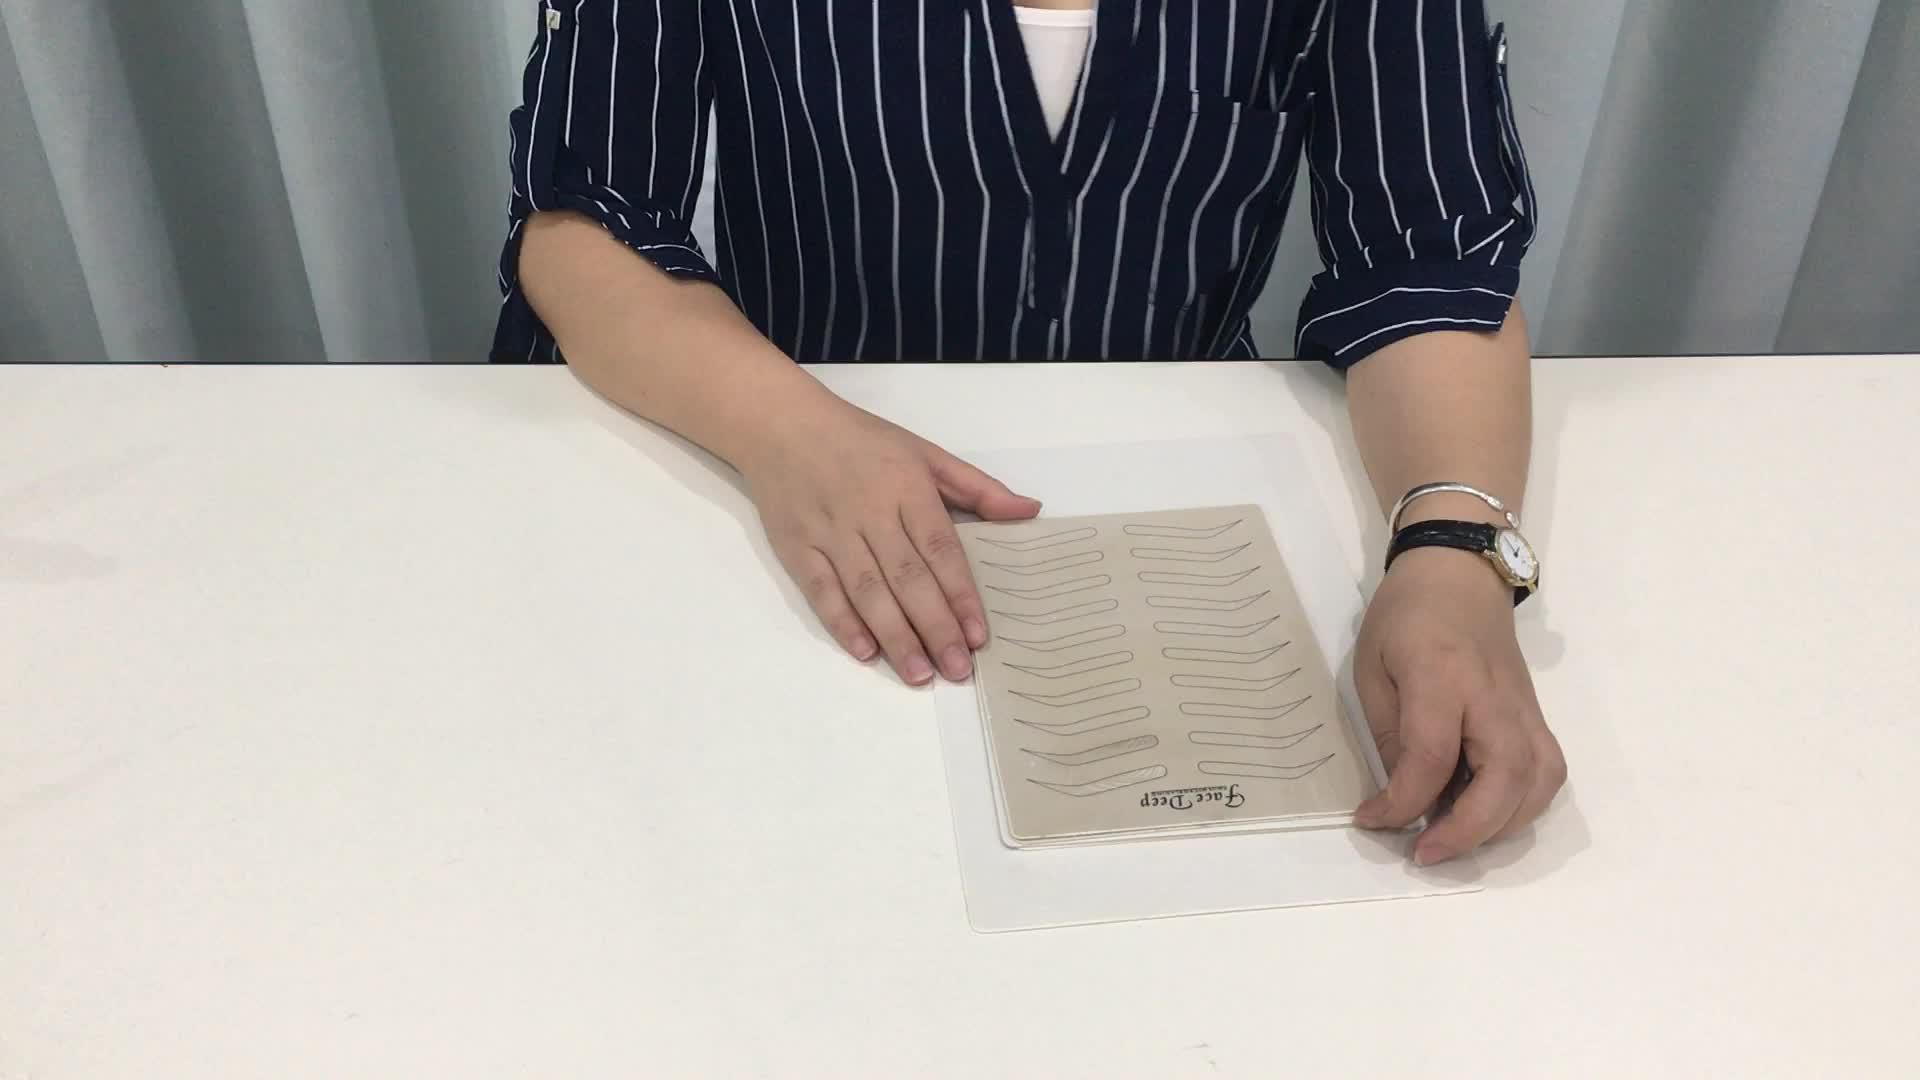 Etiqueta privada pmu microblading látex sobrancelha prática pele sem tinta para treinamento escolar